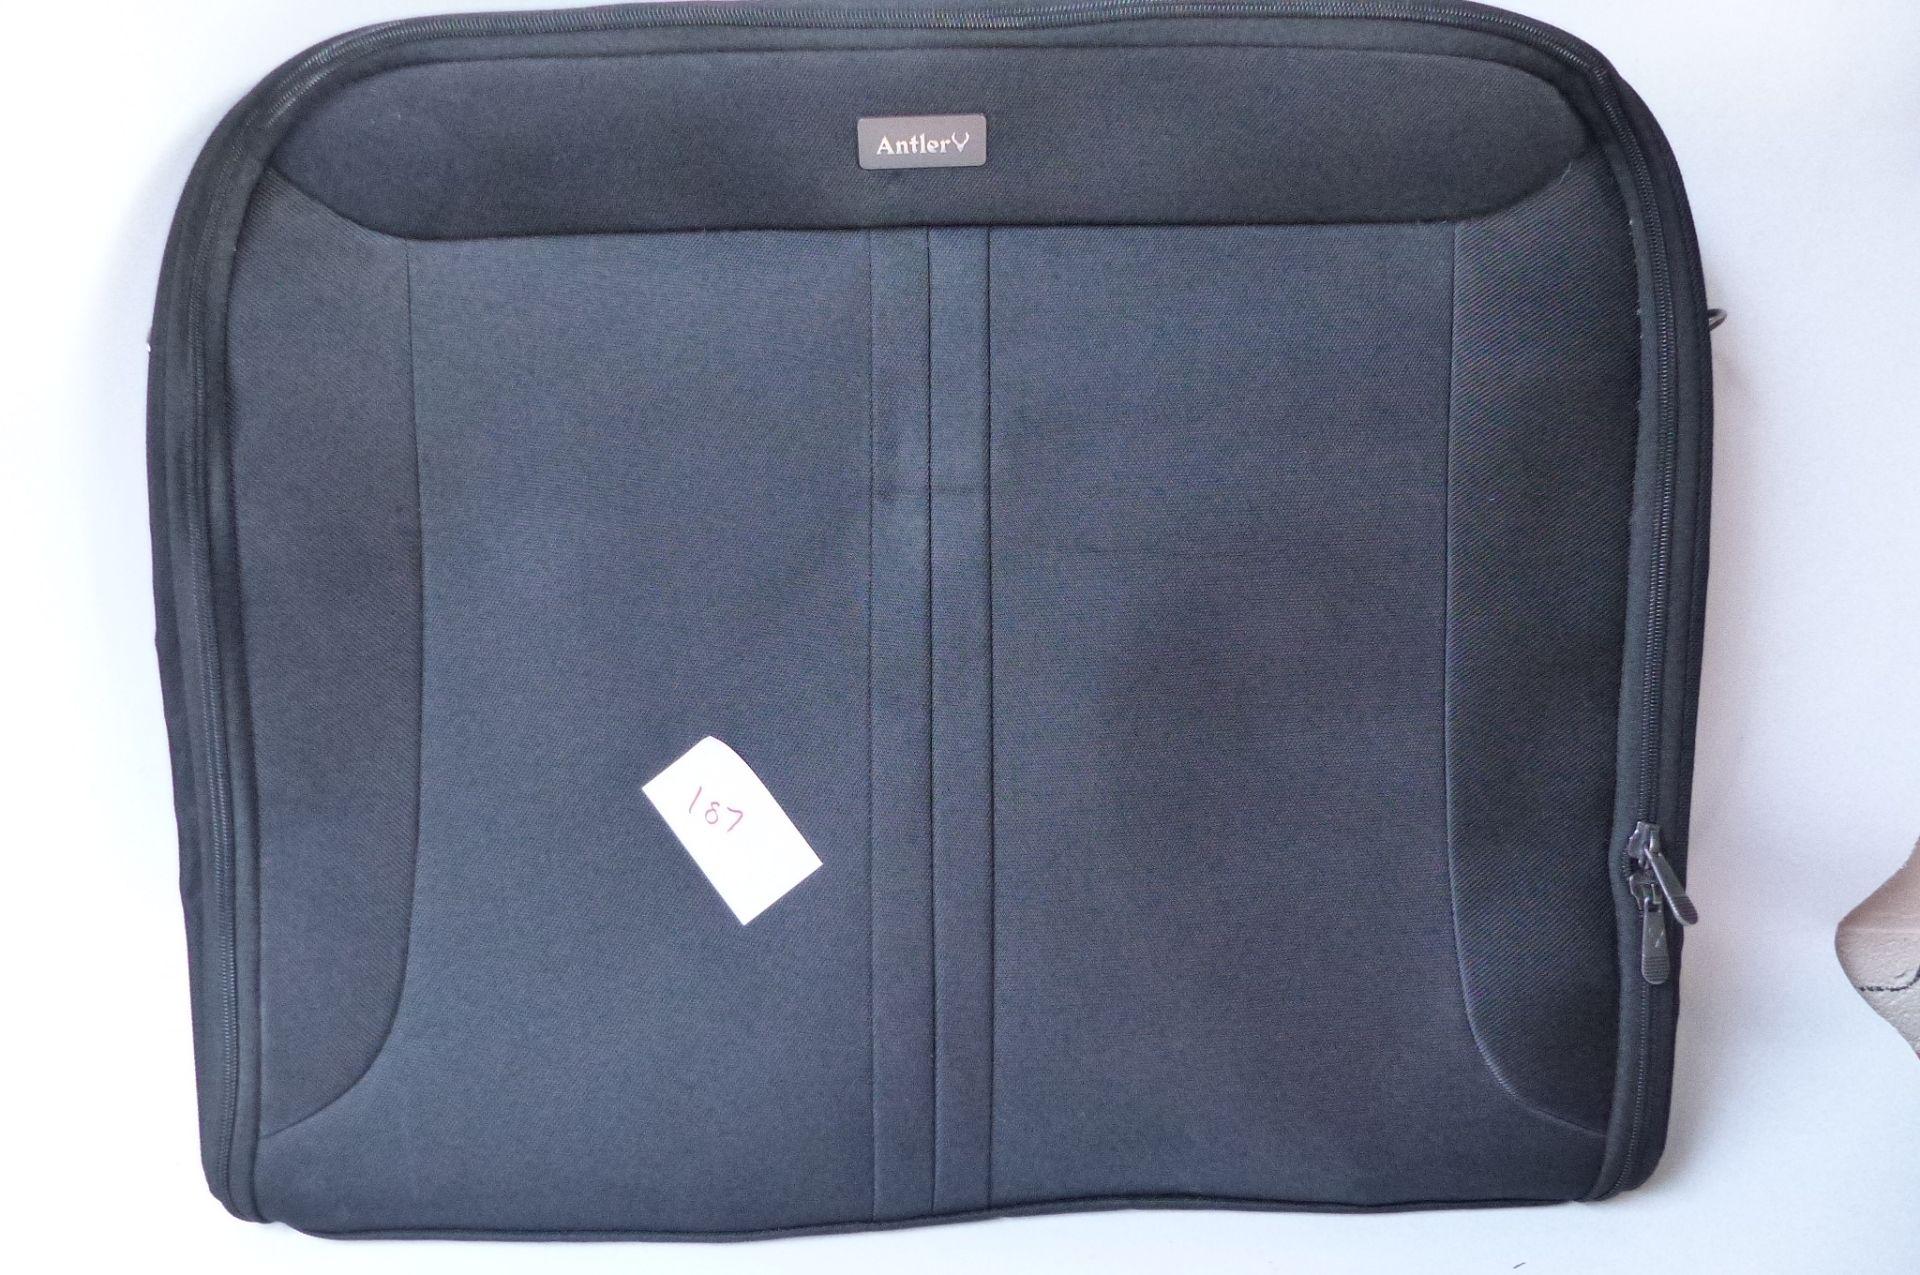 Antler suite bag black SKU187